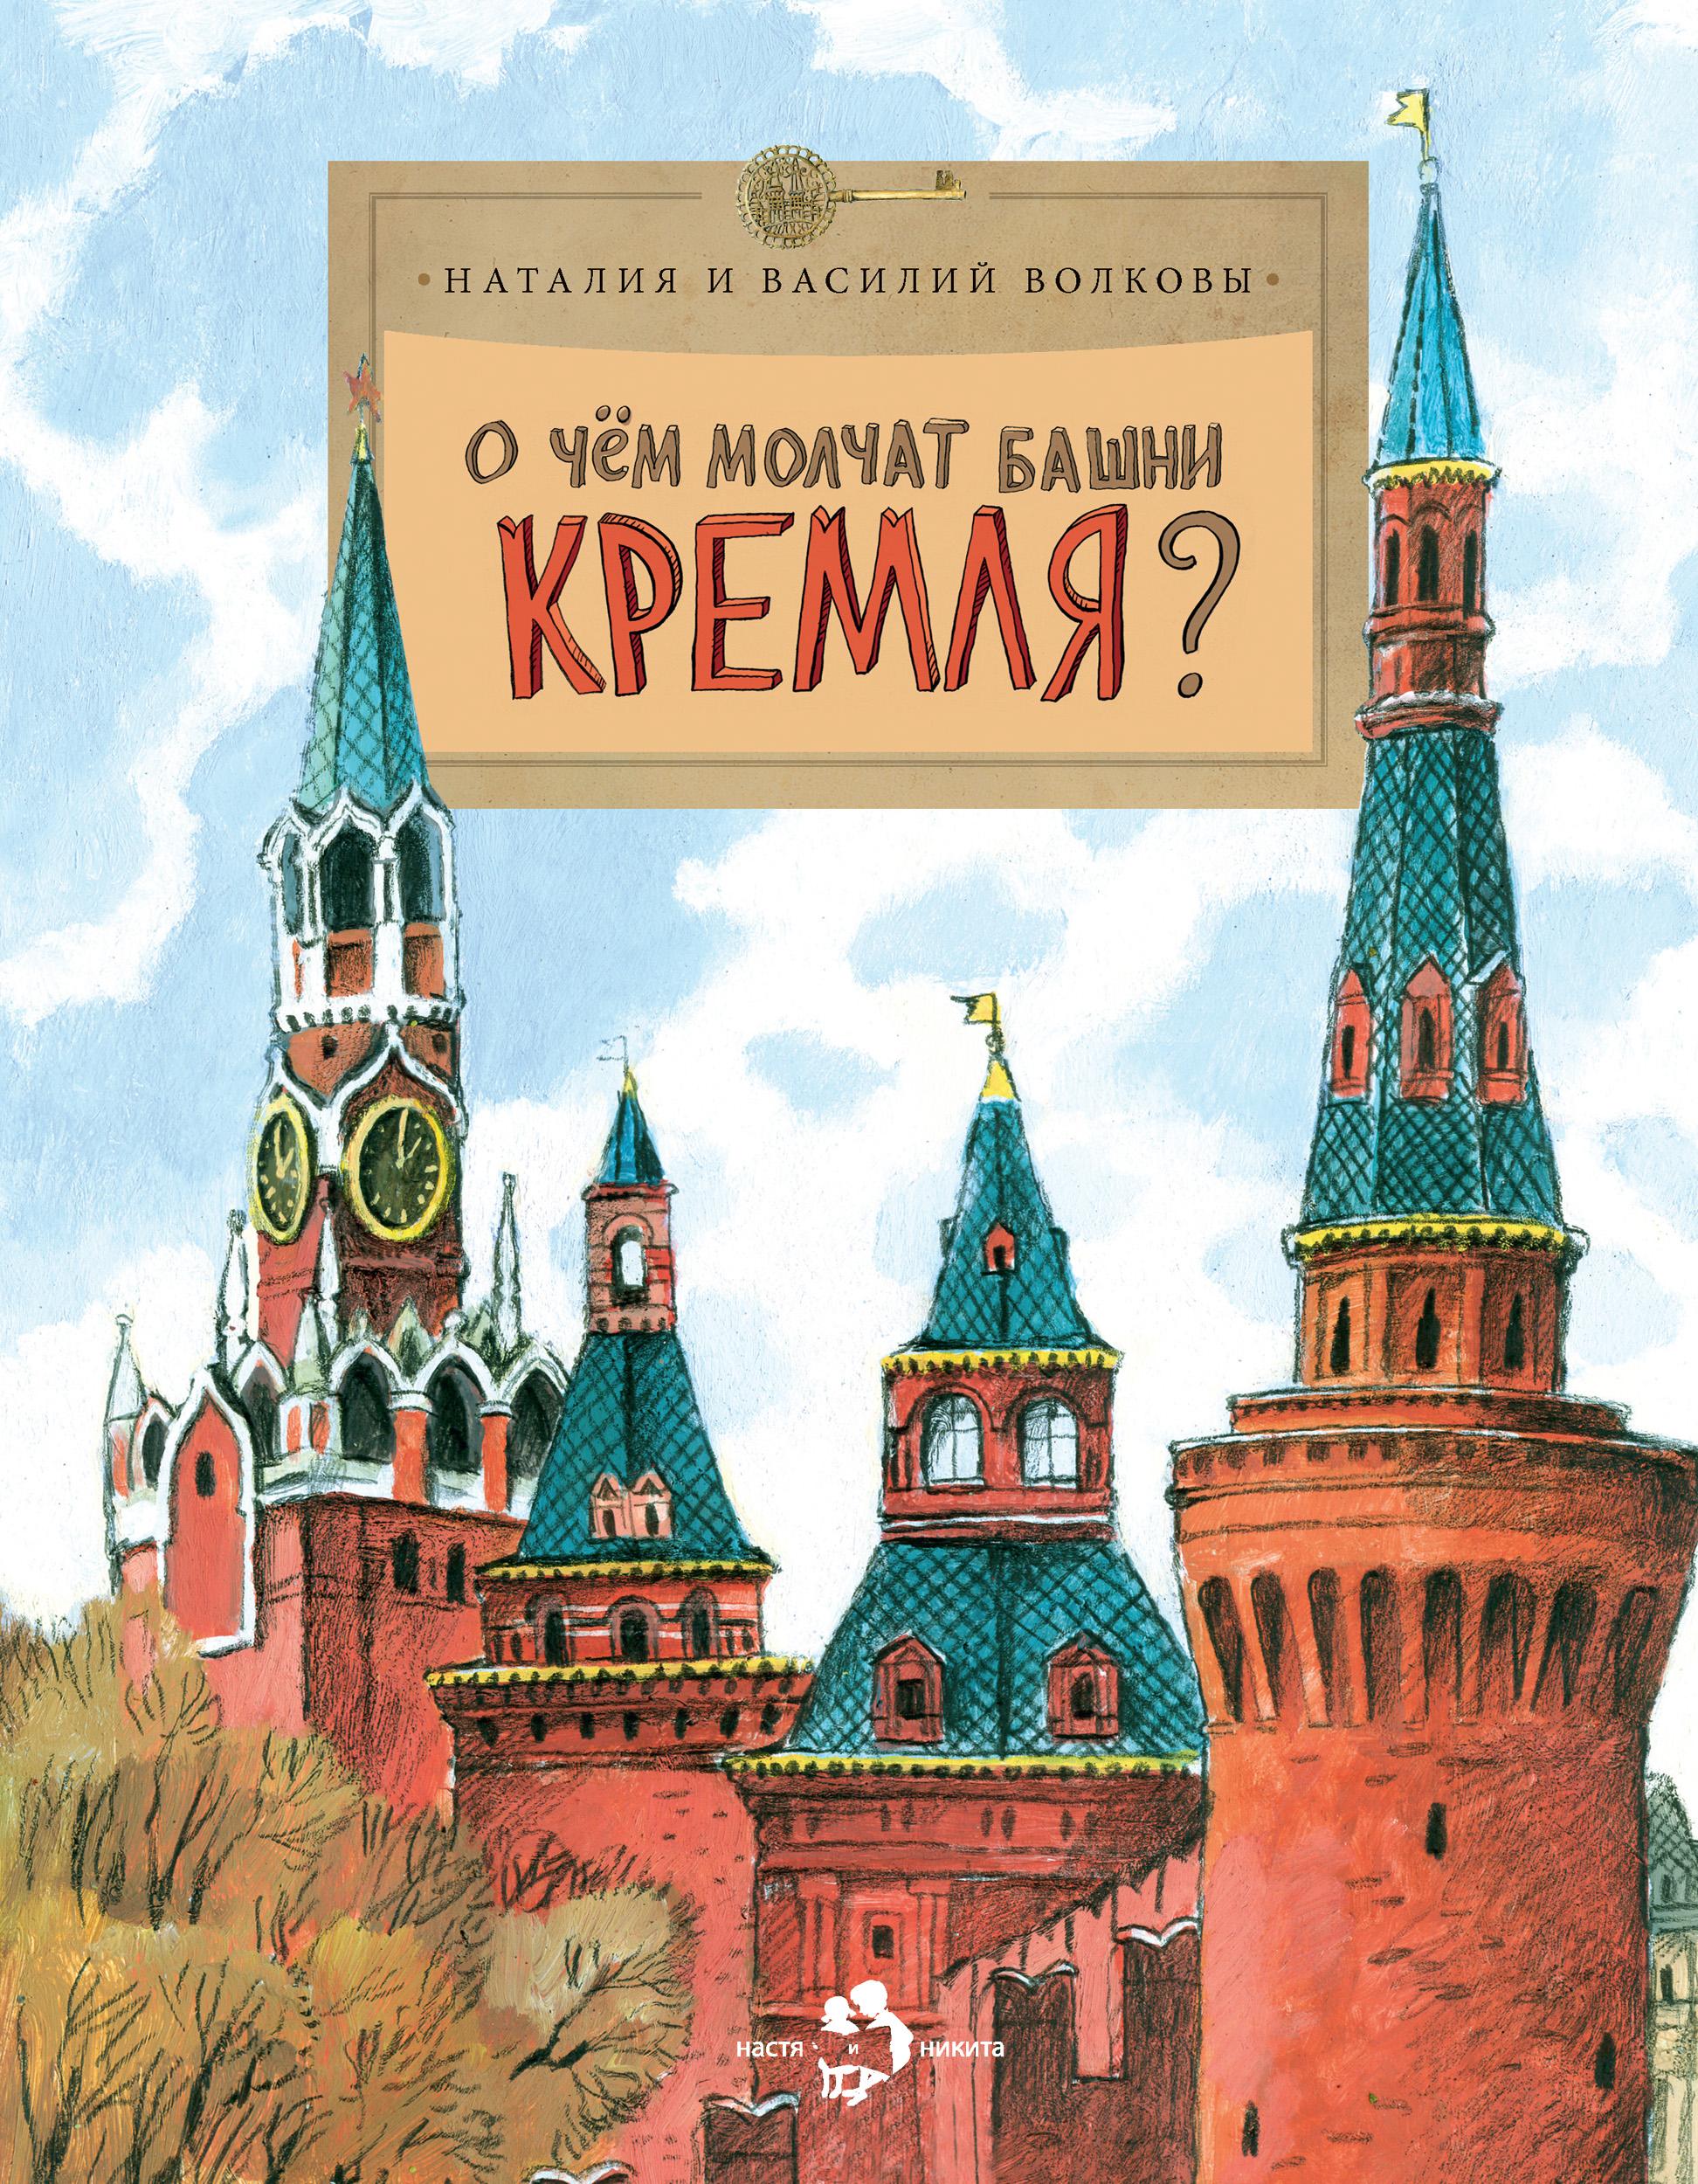 Василий Волков О чем молчат башни Кремля?